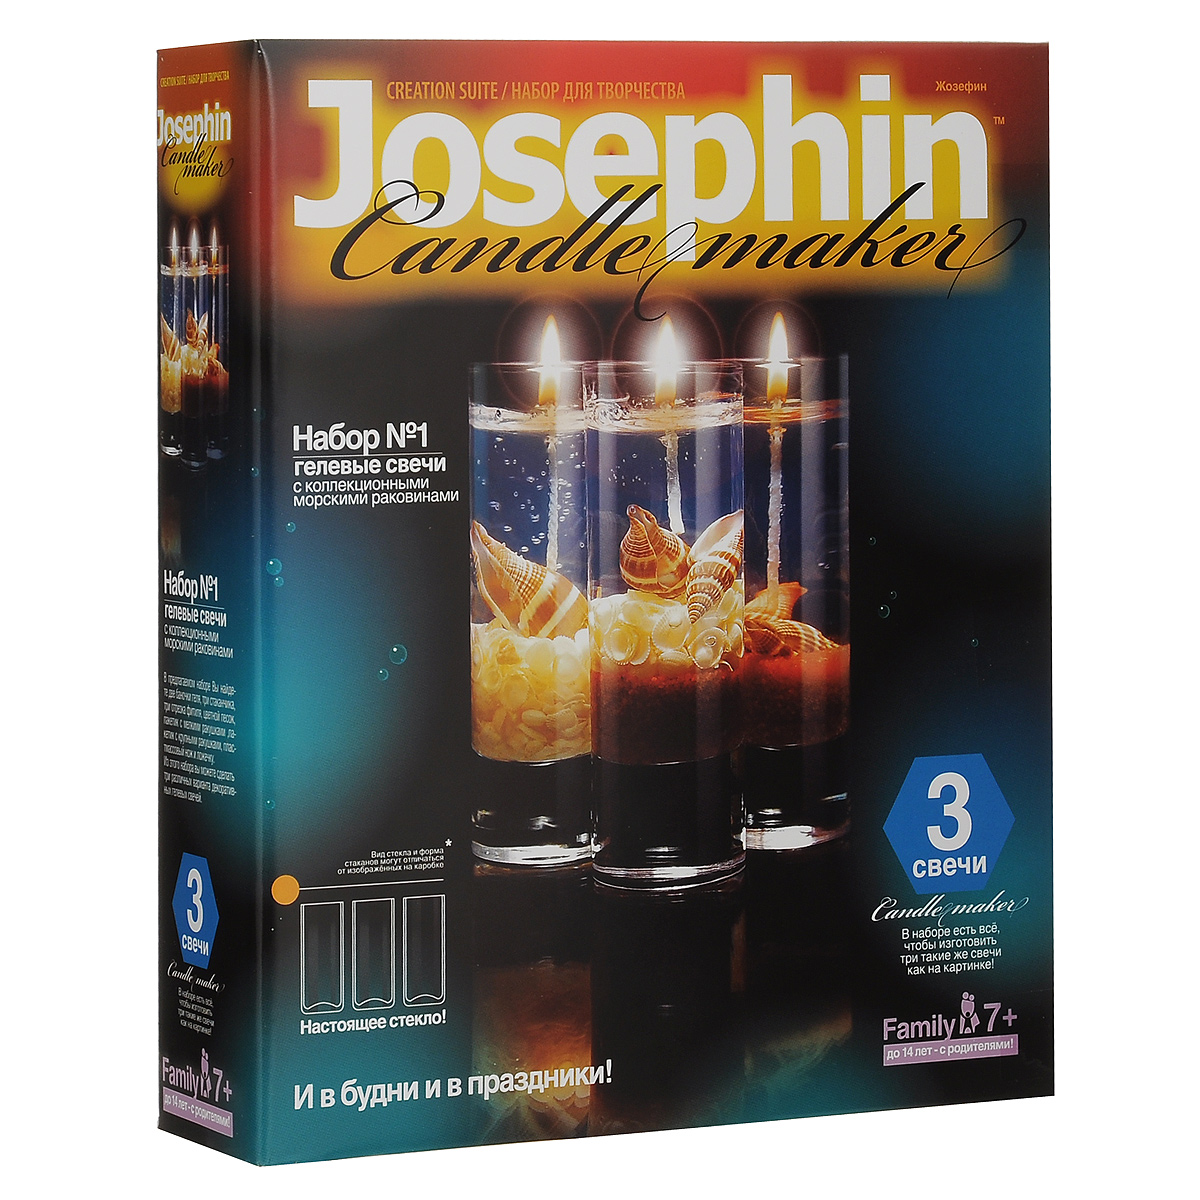 Набор для изготовления гелевых свечей с морскими раковинами